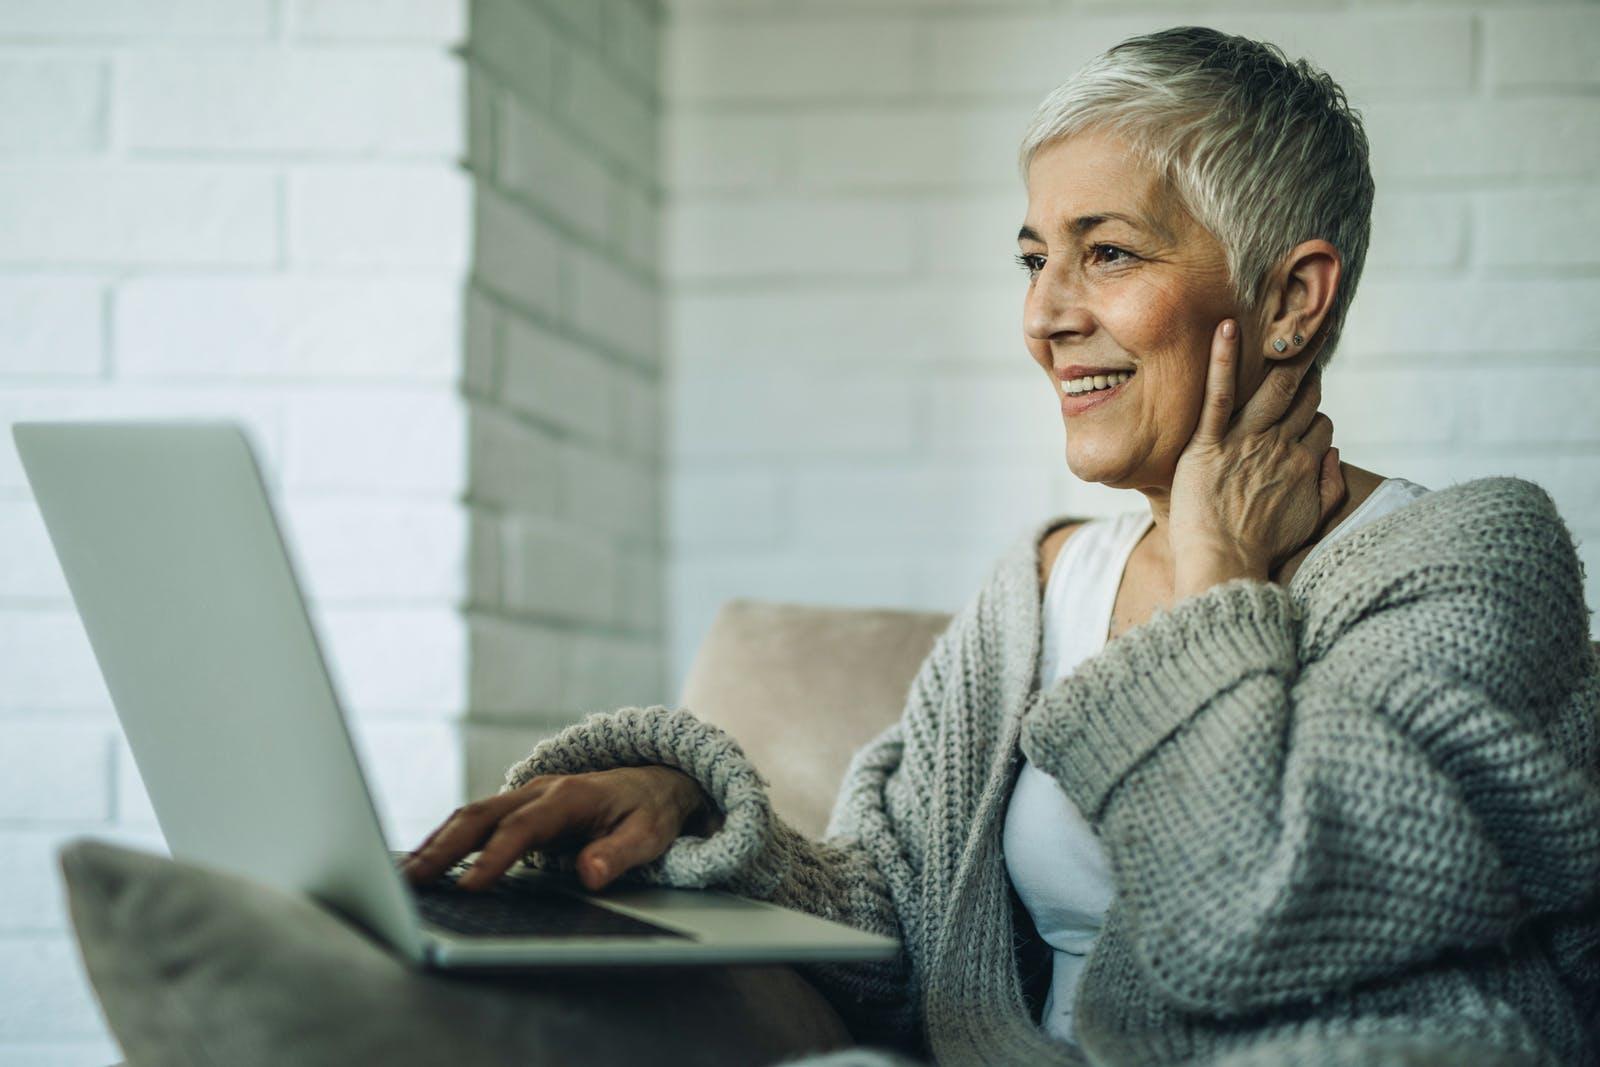 Kan onlineprogram med råd om LCHF hjälpa till att reversera typ 2-diabetes?